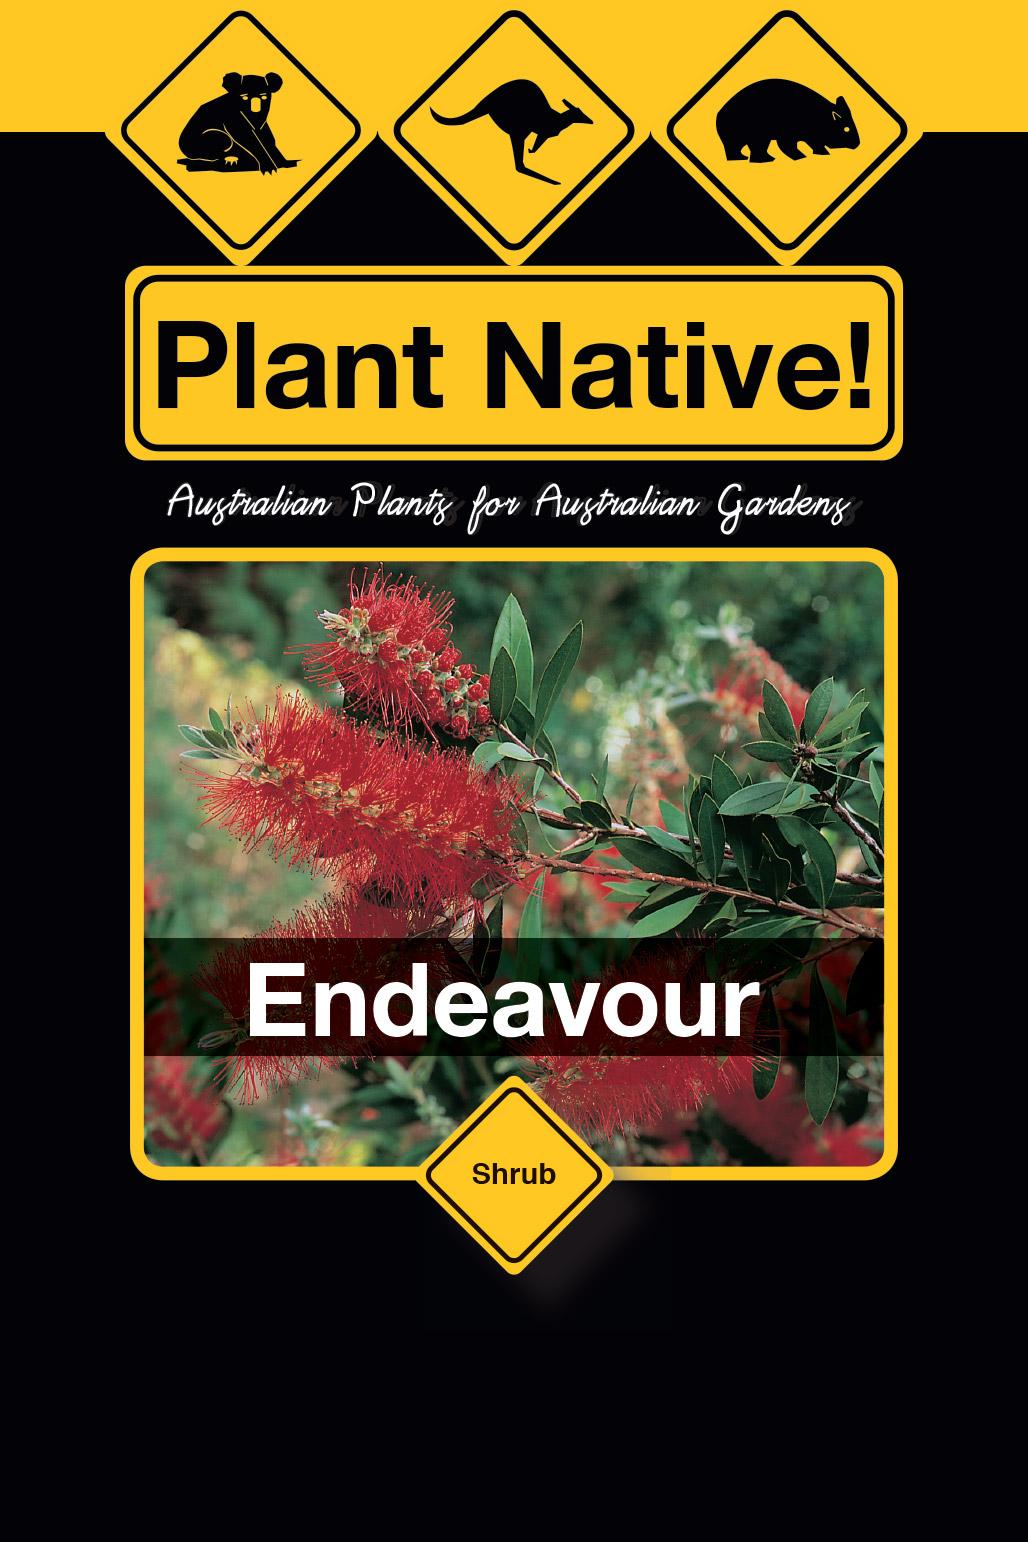 Endeavour - Plant Native!